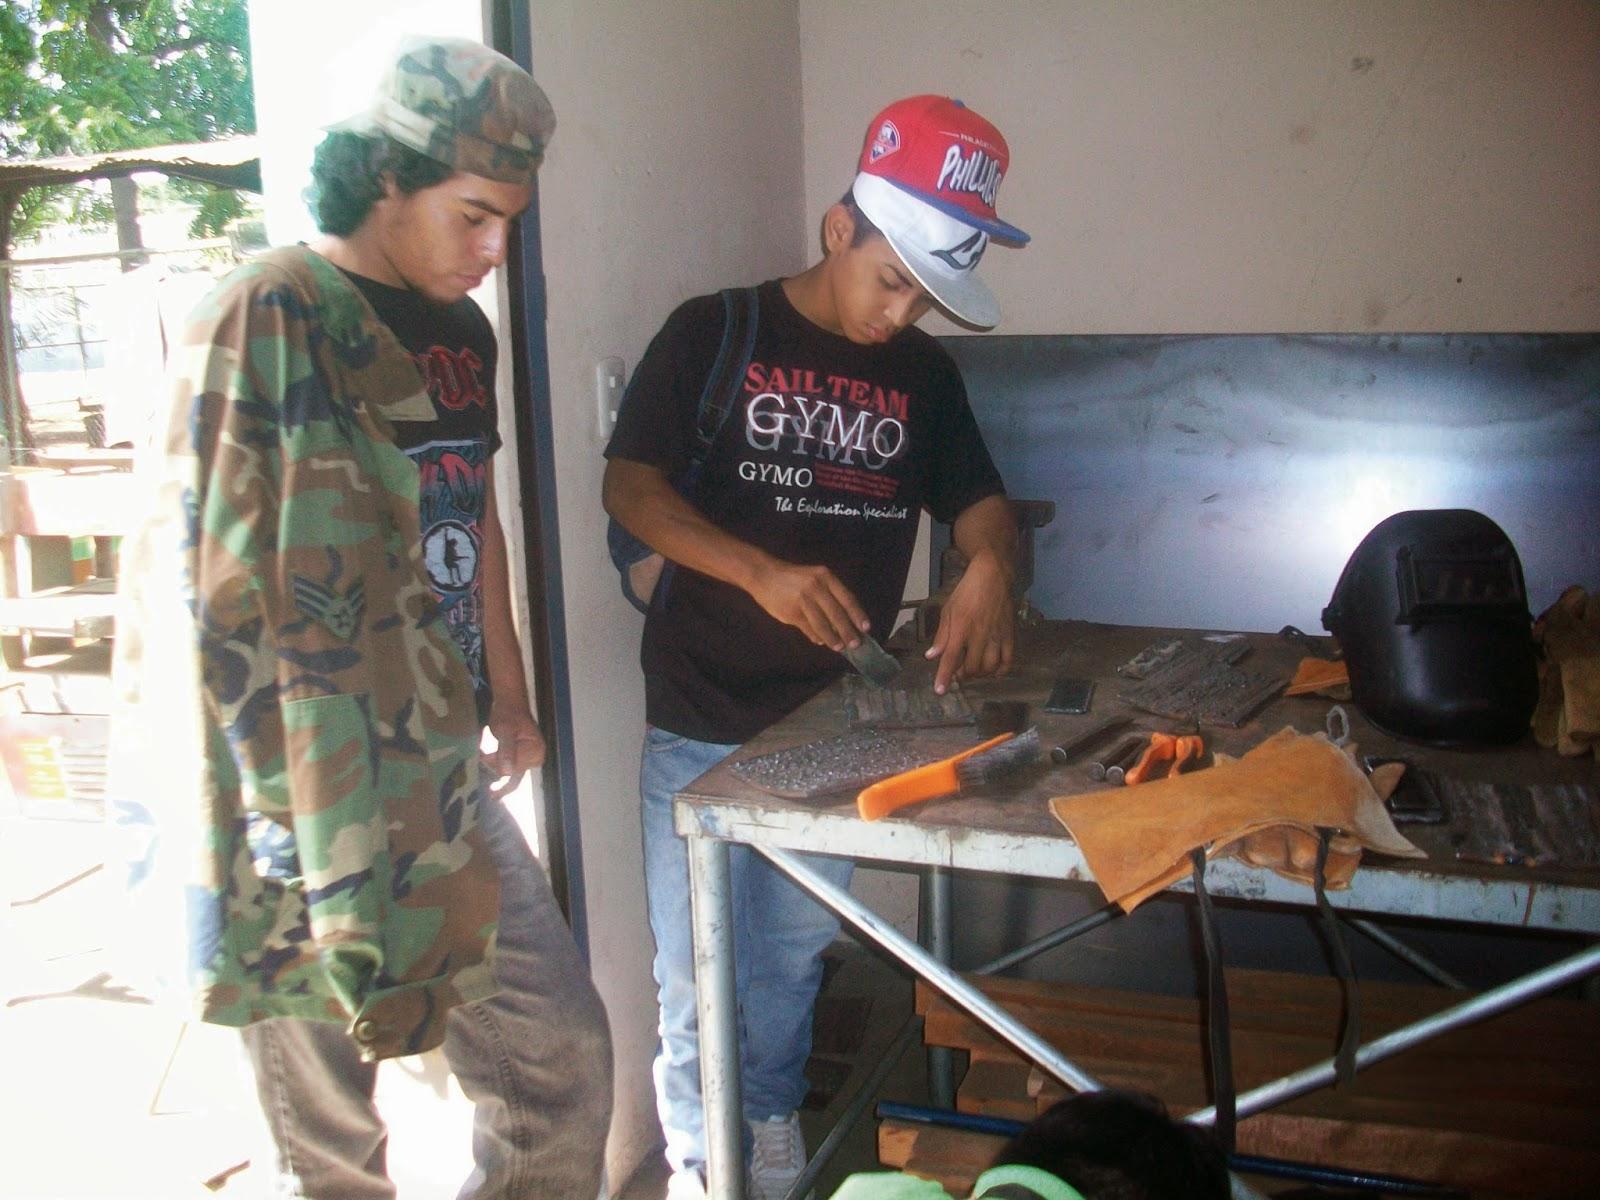 Scrapbooking Ideas para Adolescentes - sandranewscom